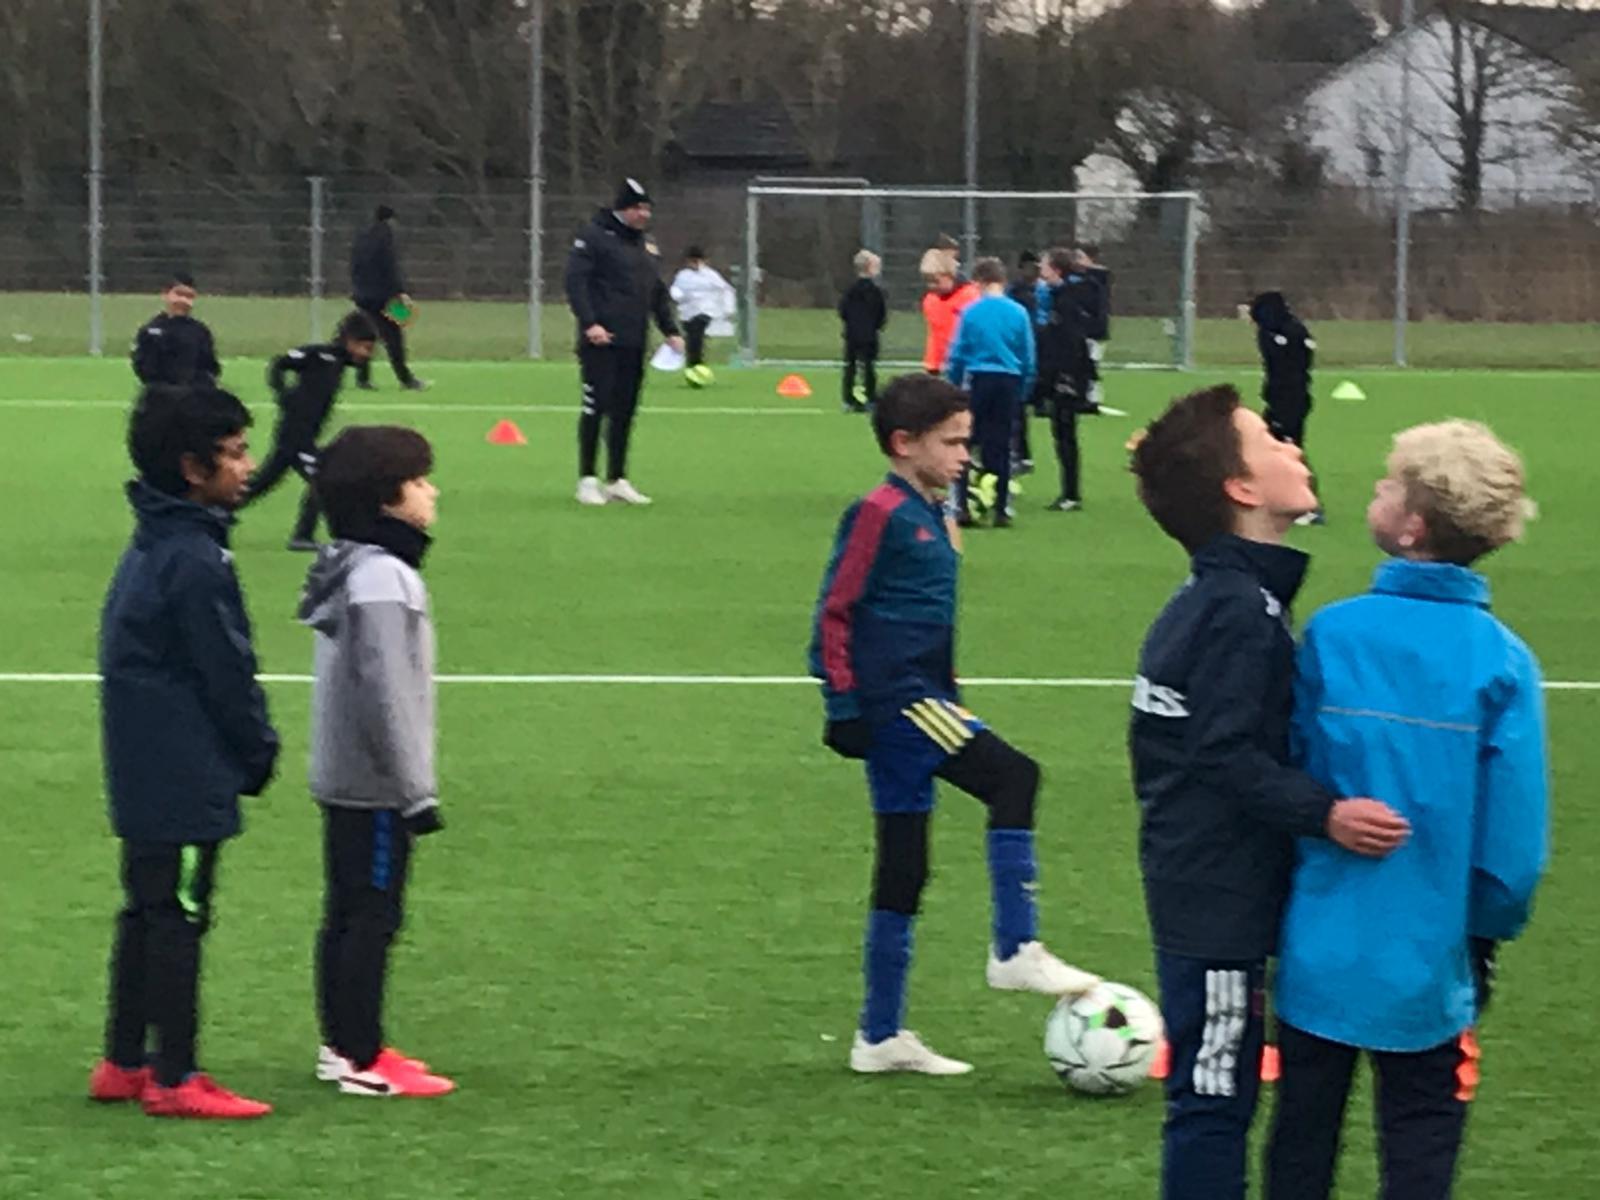 Doelpuntenfestijn FC Den Helder een succes!